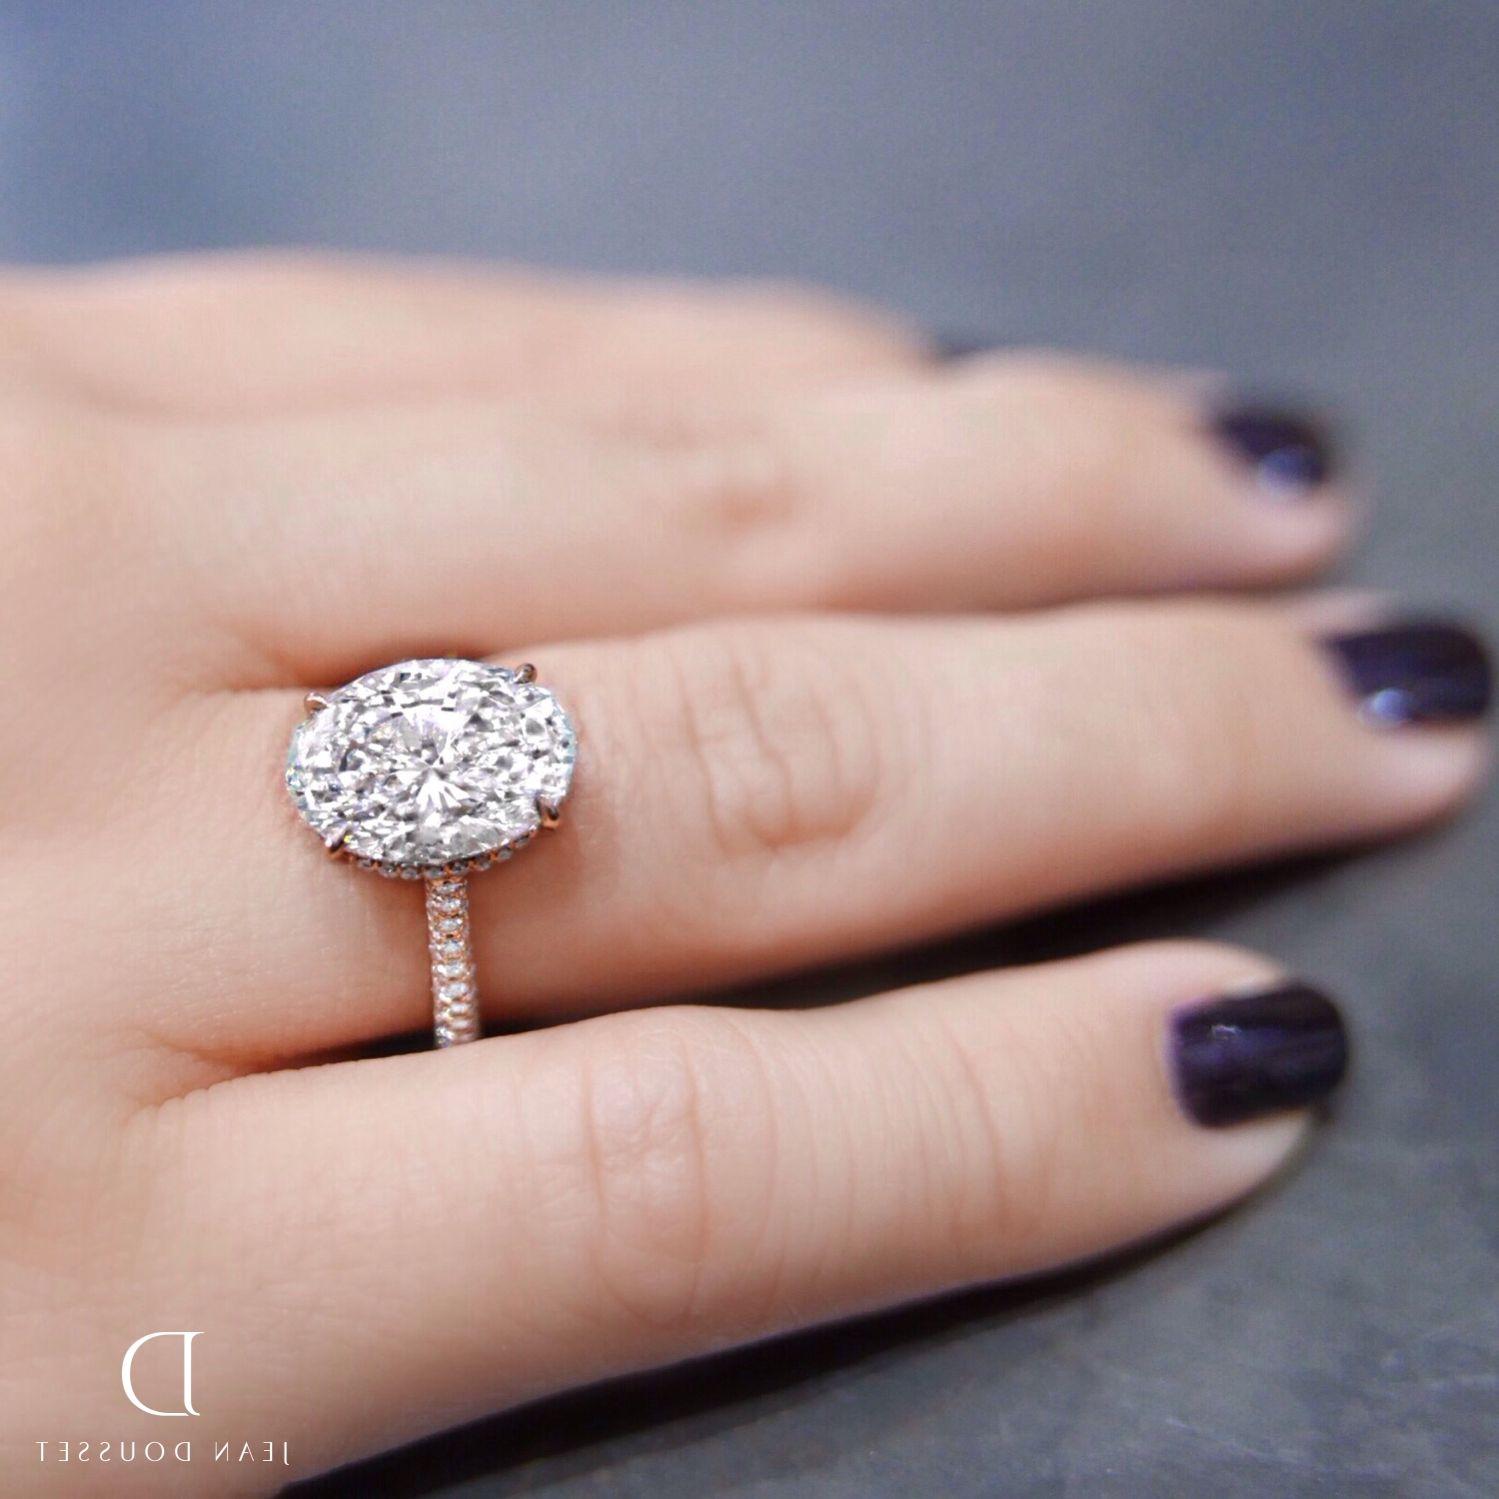 Engagement Rings Direct Diamond + Steven Kirsch Setting | Ring ...